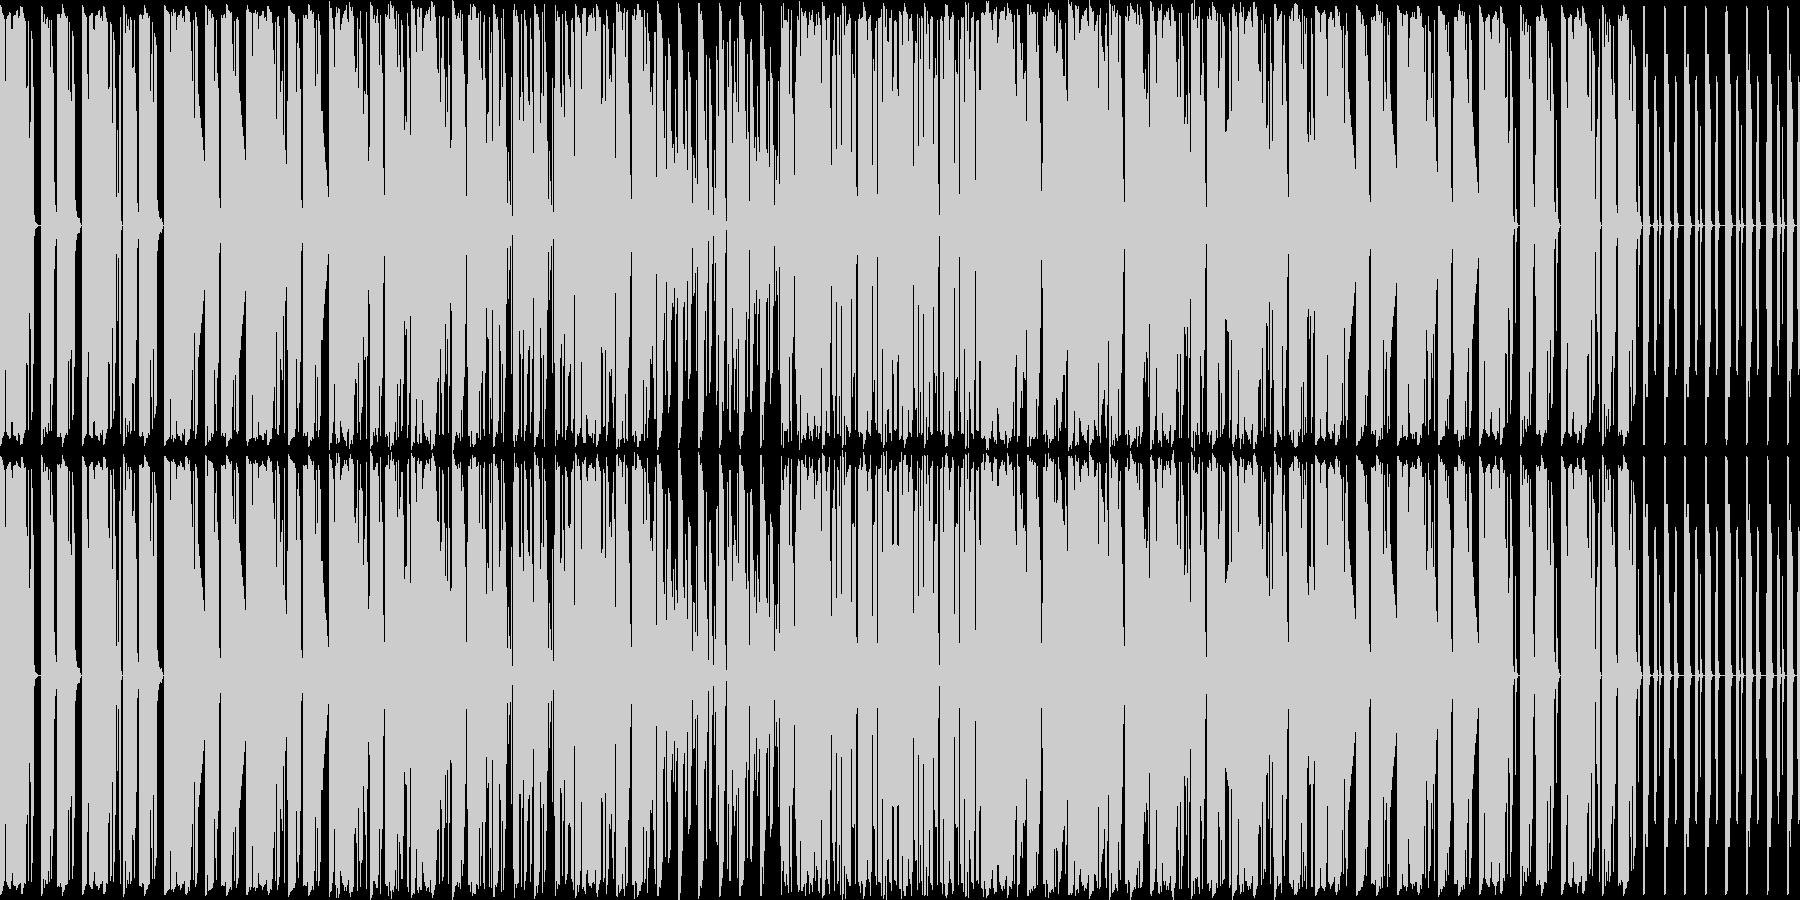 ドラムとベースが主体の曲ですの未再生の波形